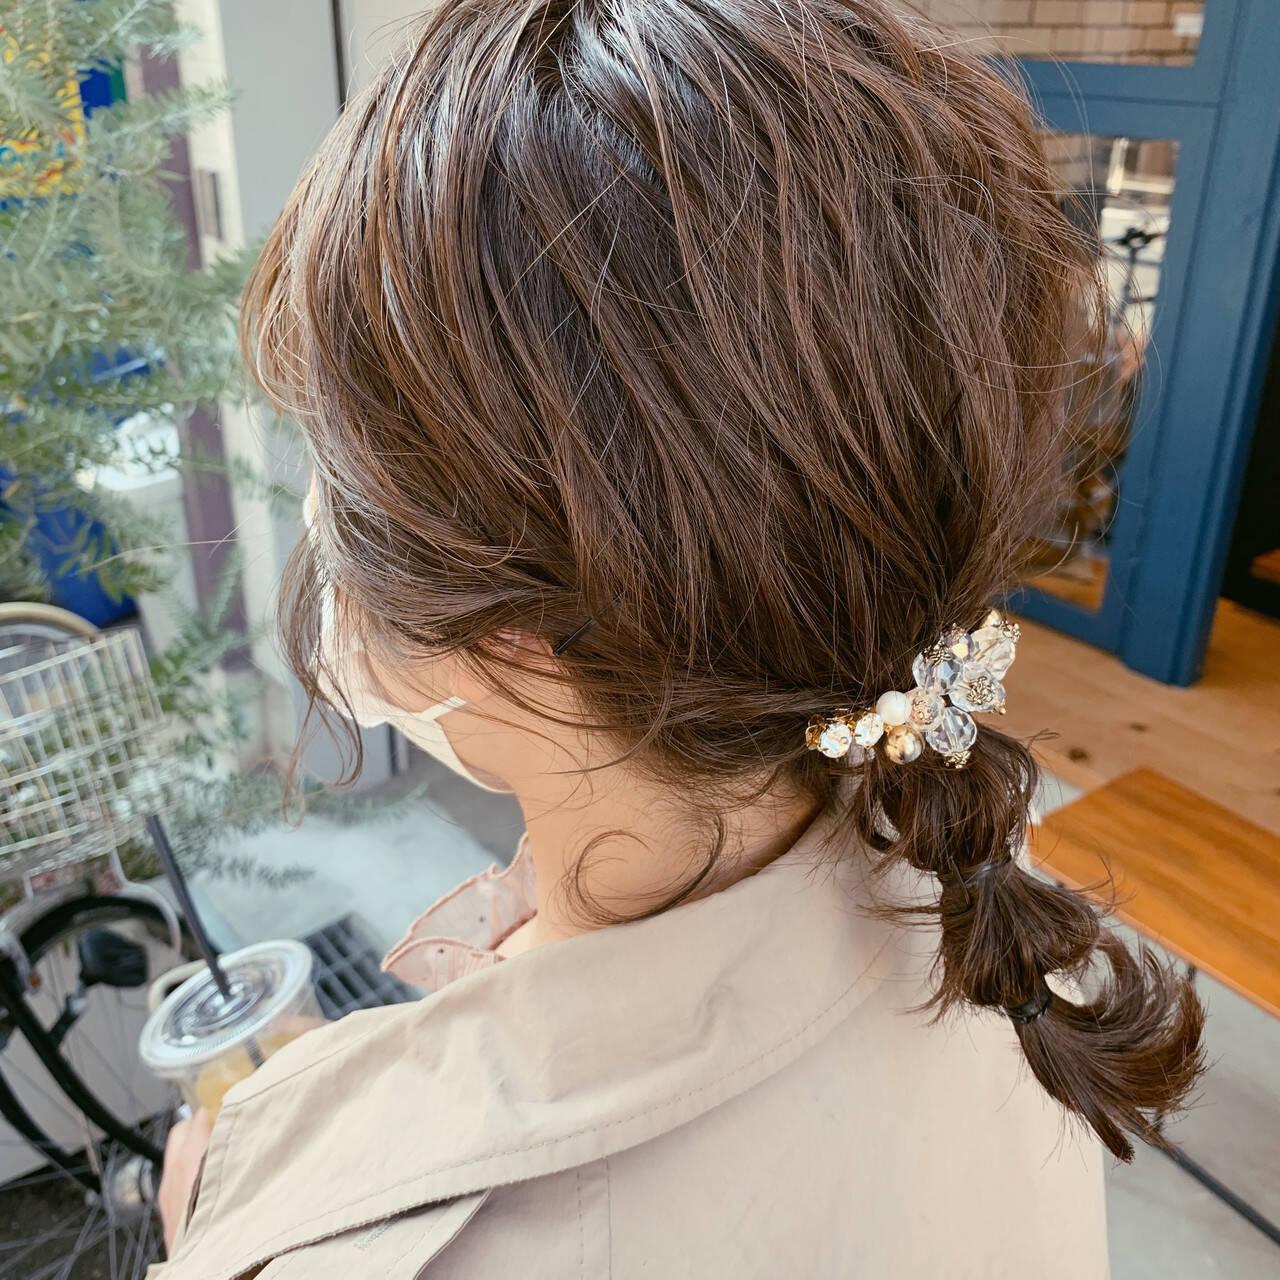 結婚式ヘアアレンジ 簡単ヘアアレンジ オリーブベージュ ヘアアレンジヘアスタイルや髪型の写真・画像